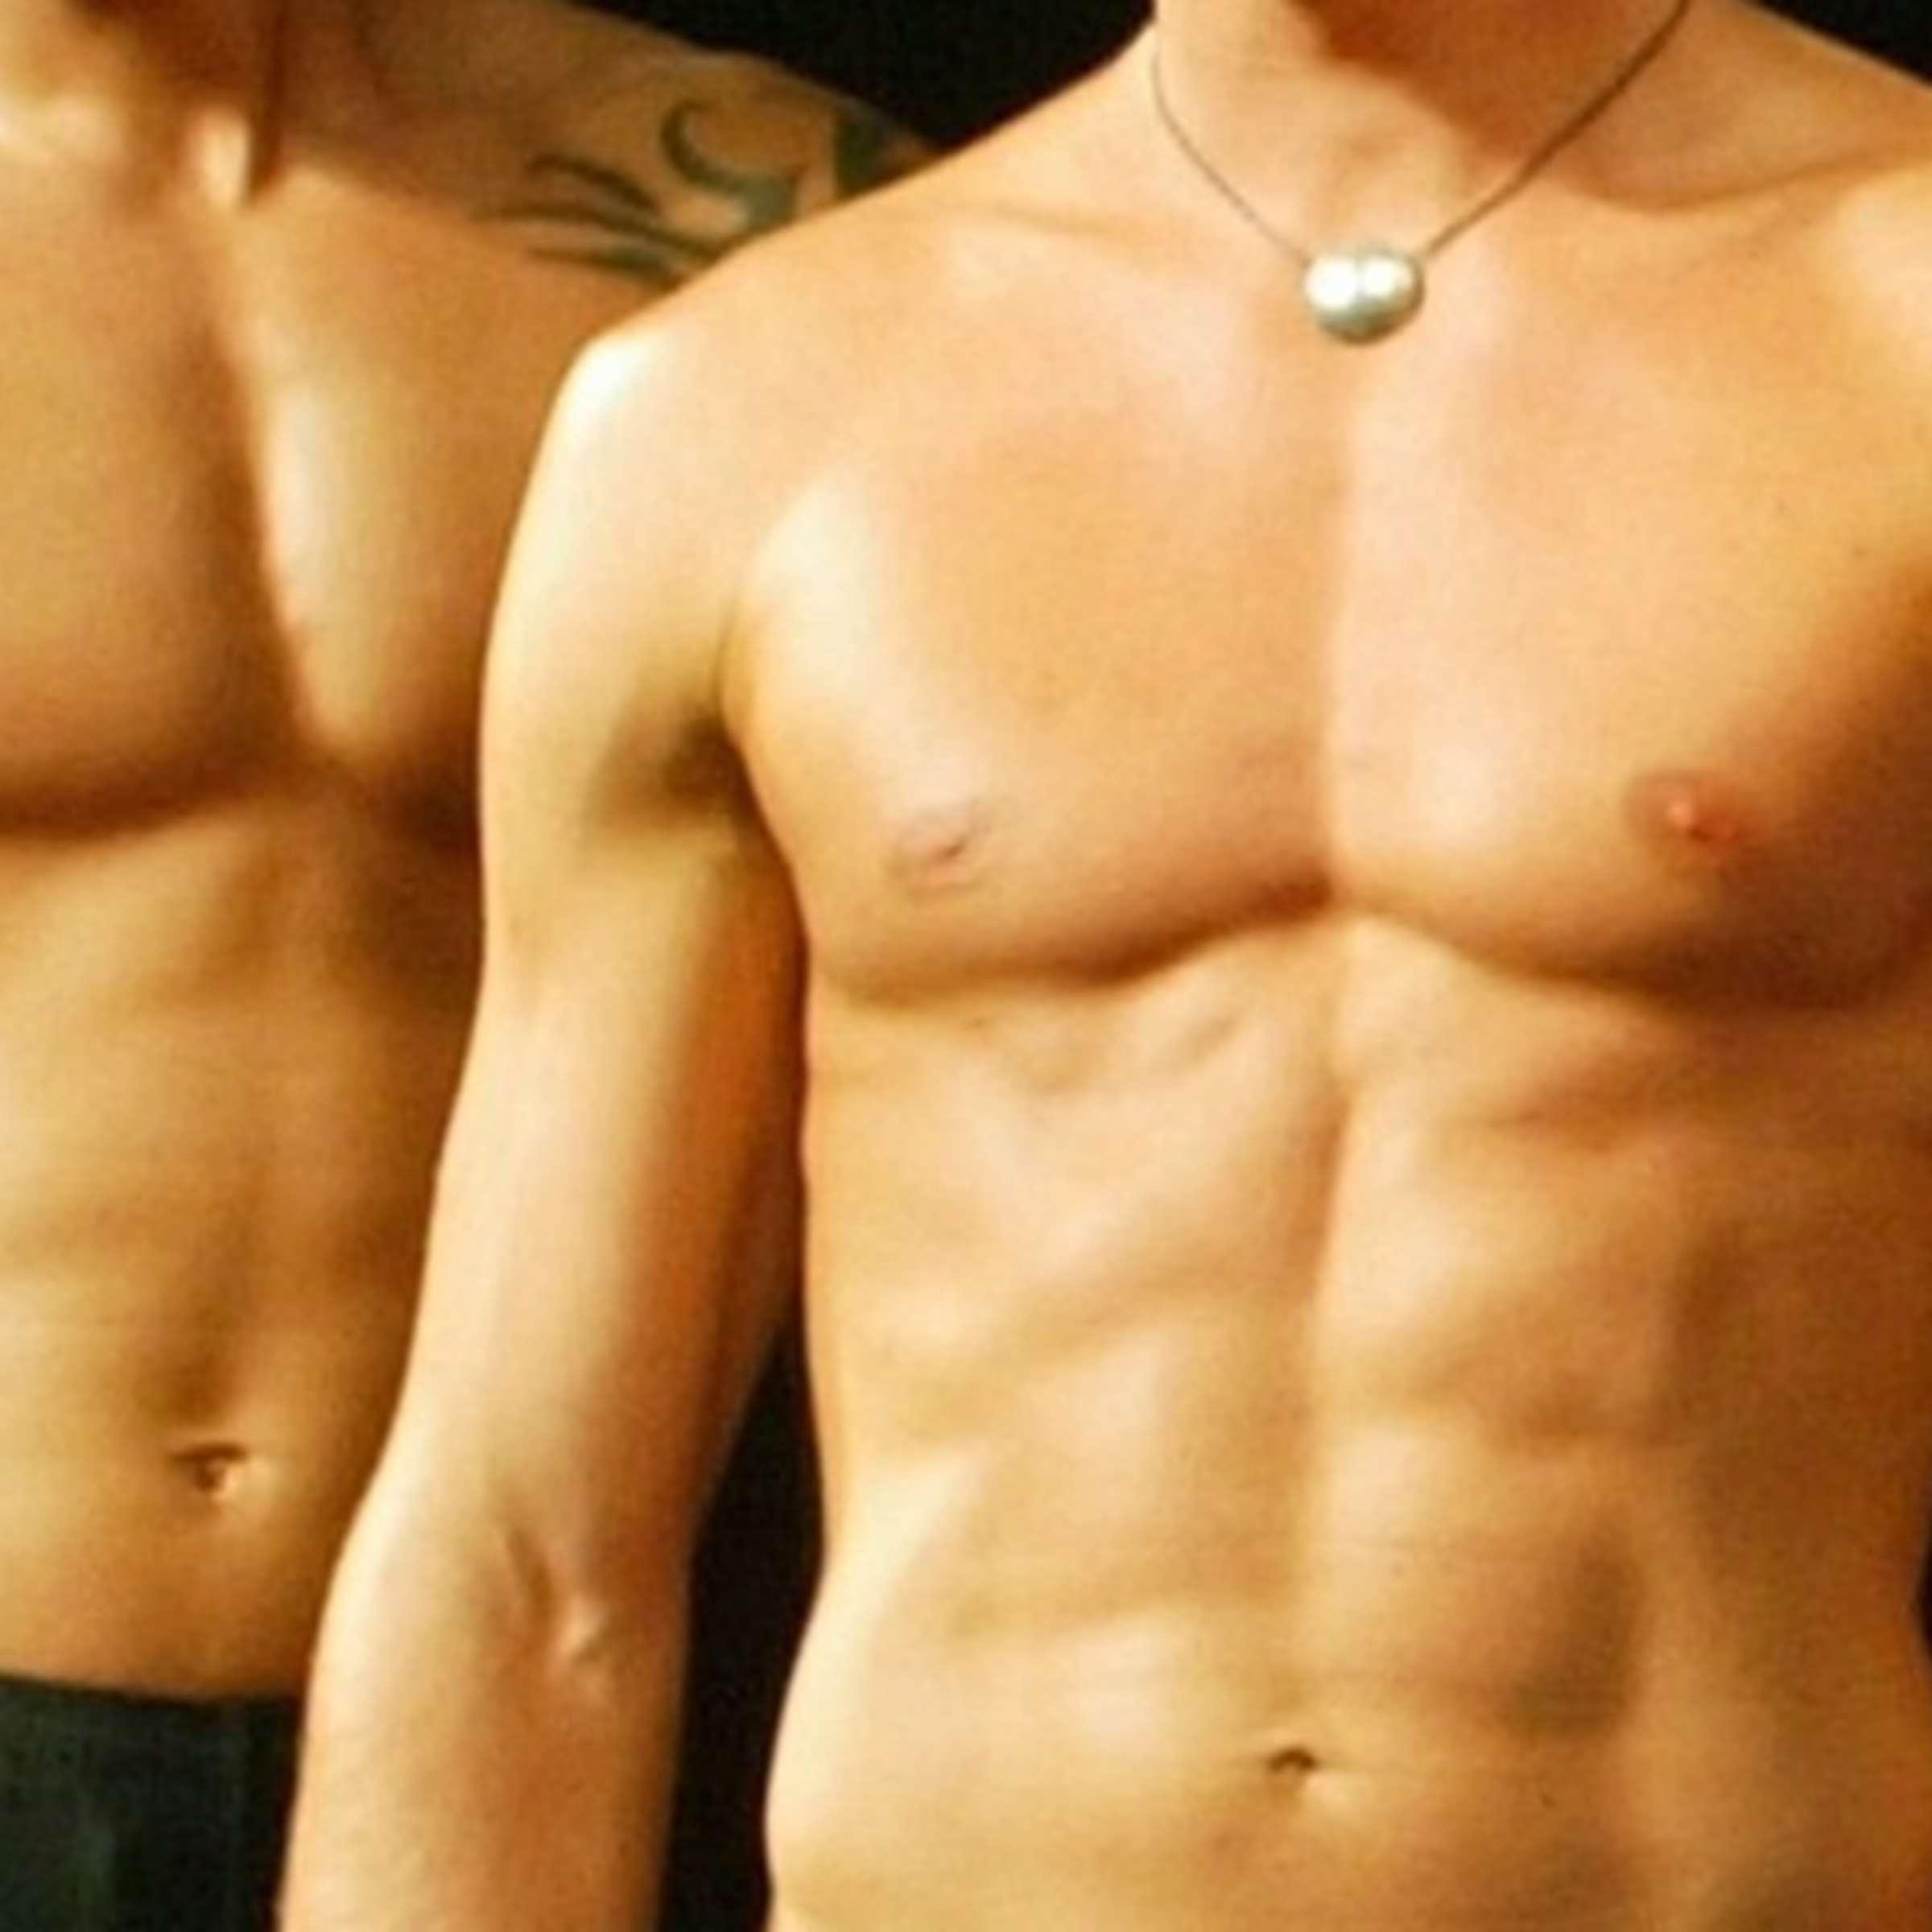 Oberkörperfrei dürfen rumlaufen männer Warum ist